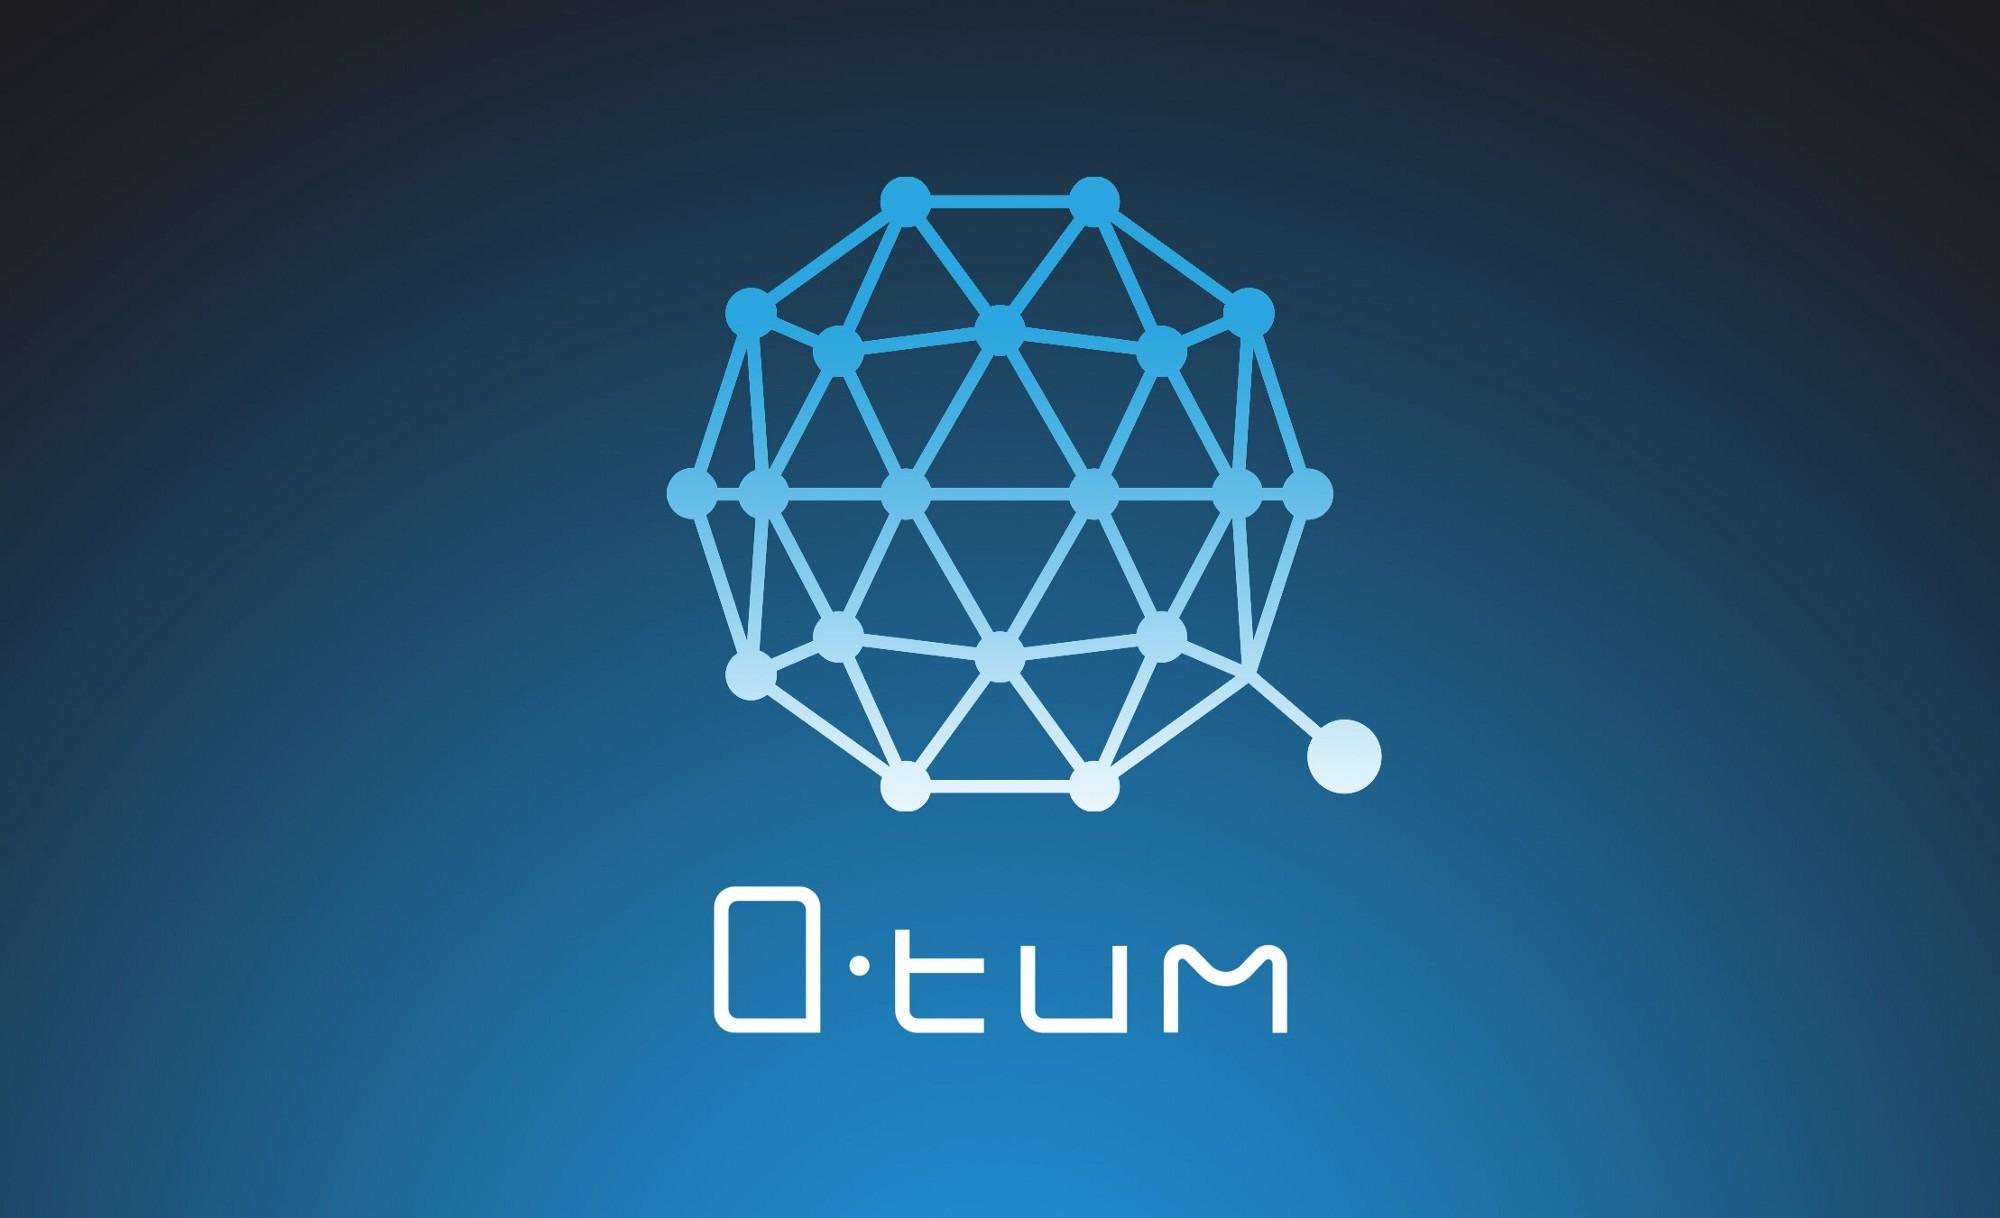 QTUM - đồng tiền điện tử bạn nên quan tâm sau Bitcoin